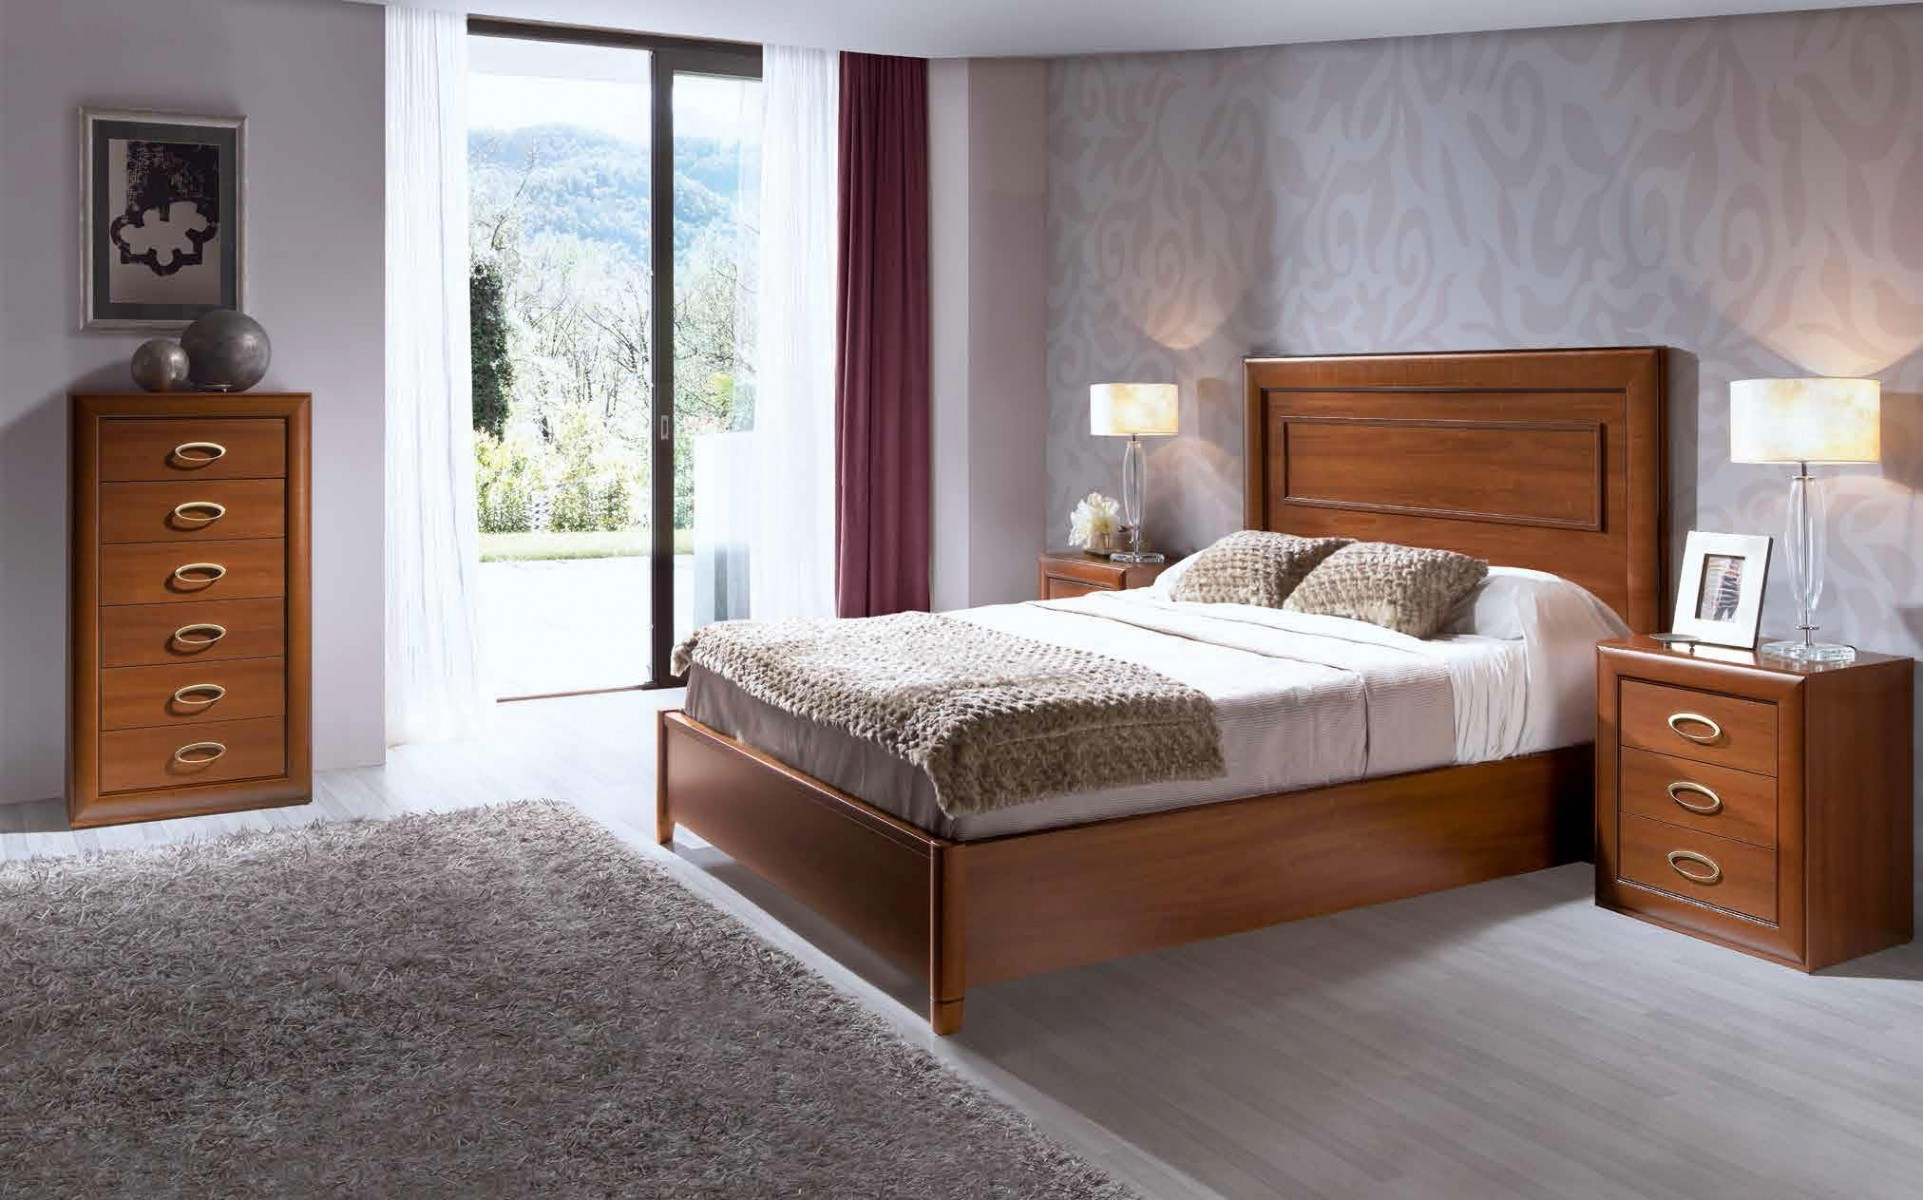 Dormitorios cl sicos 1 dormitorios juveniles coloniales matrimonio habitaciones infantiles - Dormitorios infantiles clasicos ...